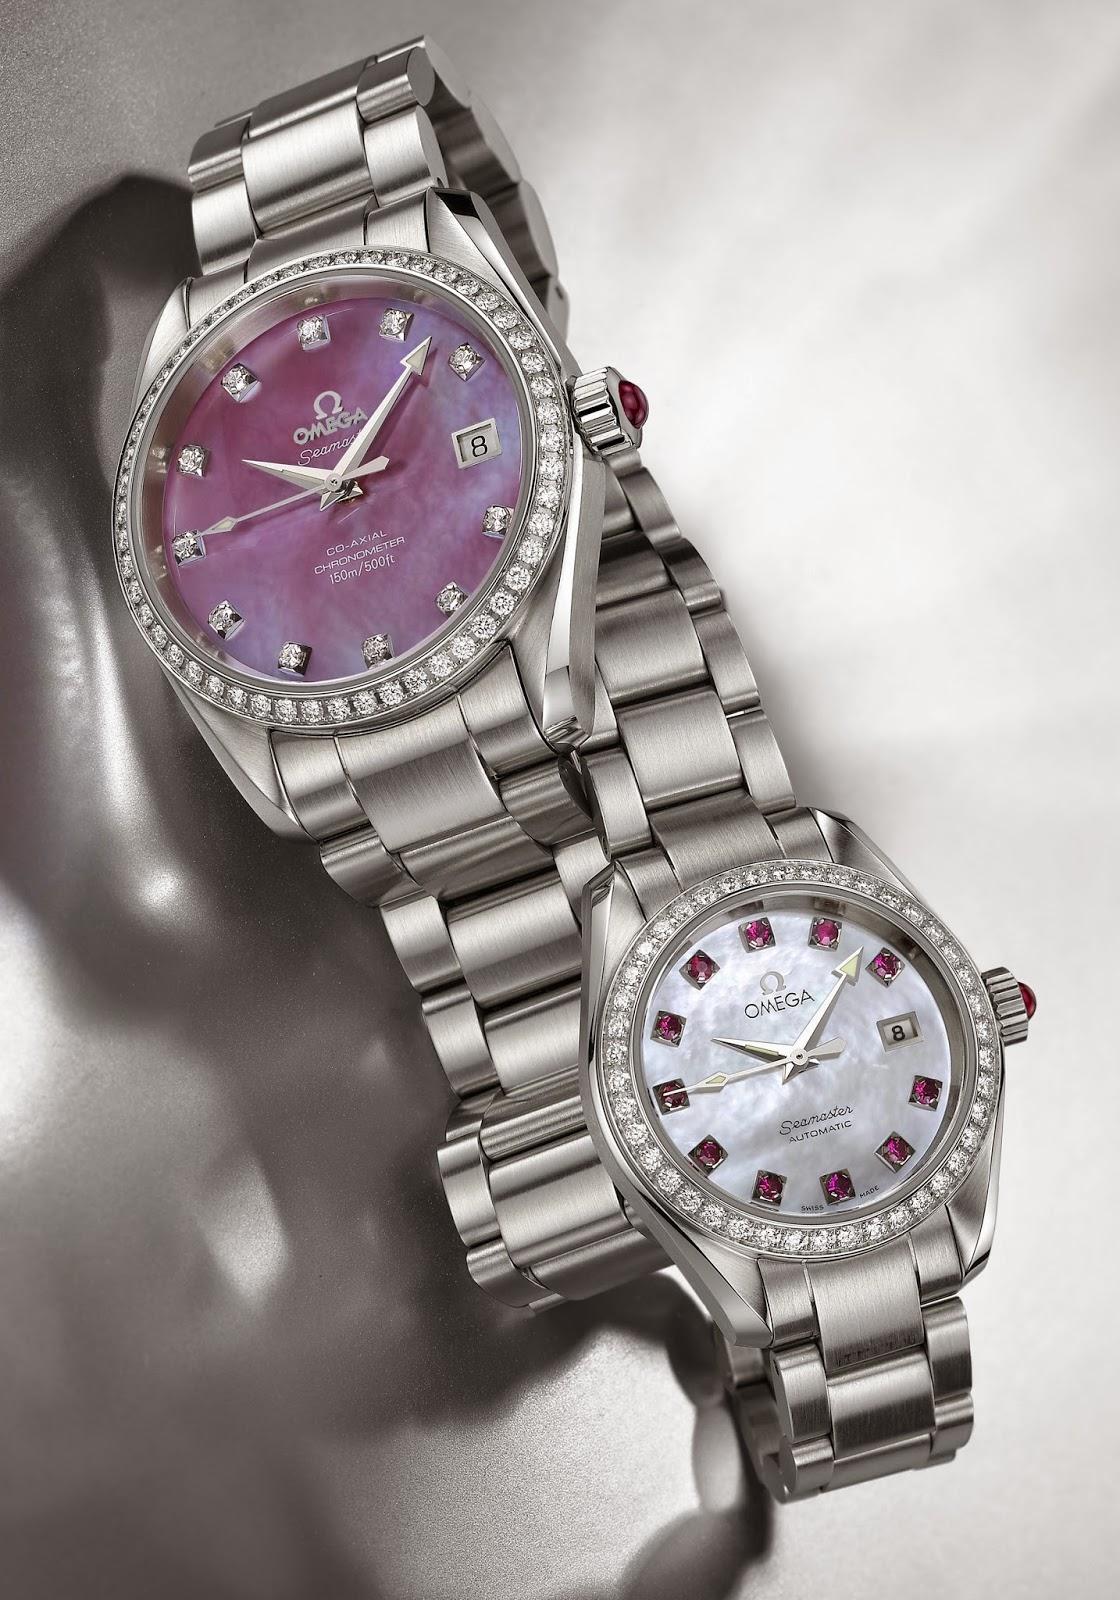 Omega Seamaster Aqua Terra Jewellery Collection